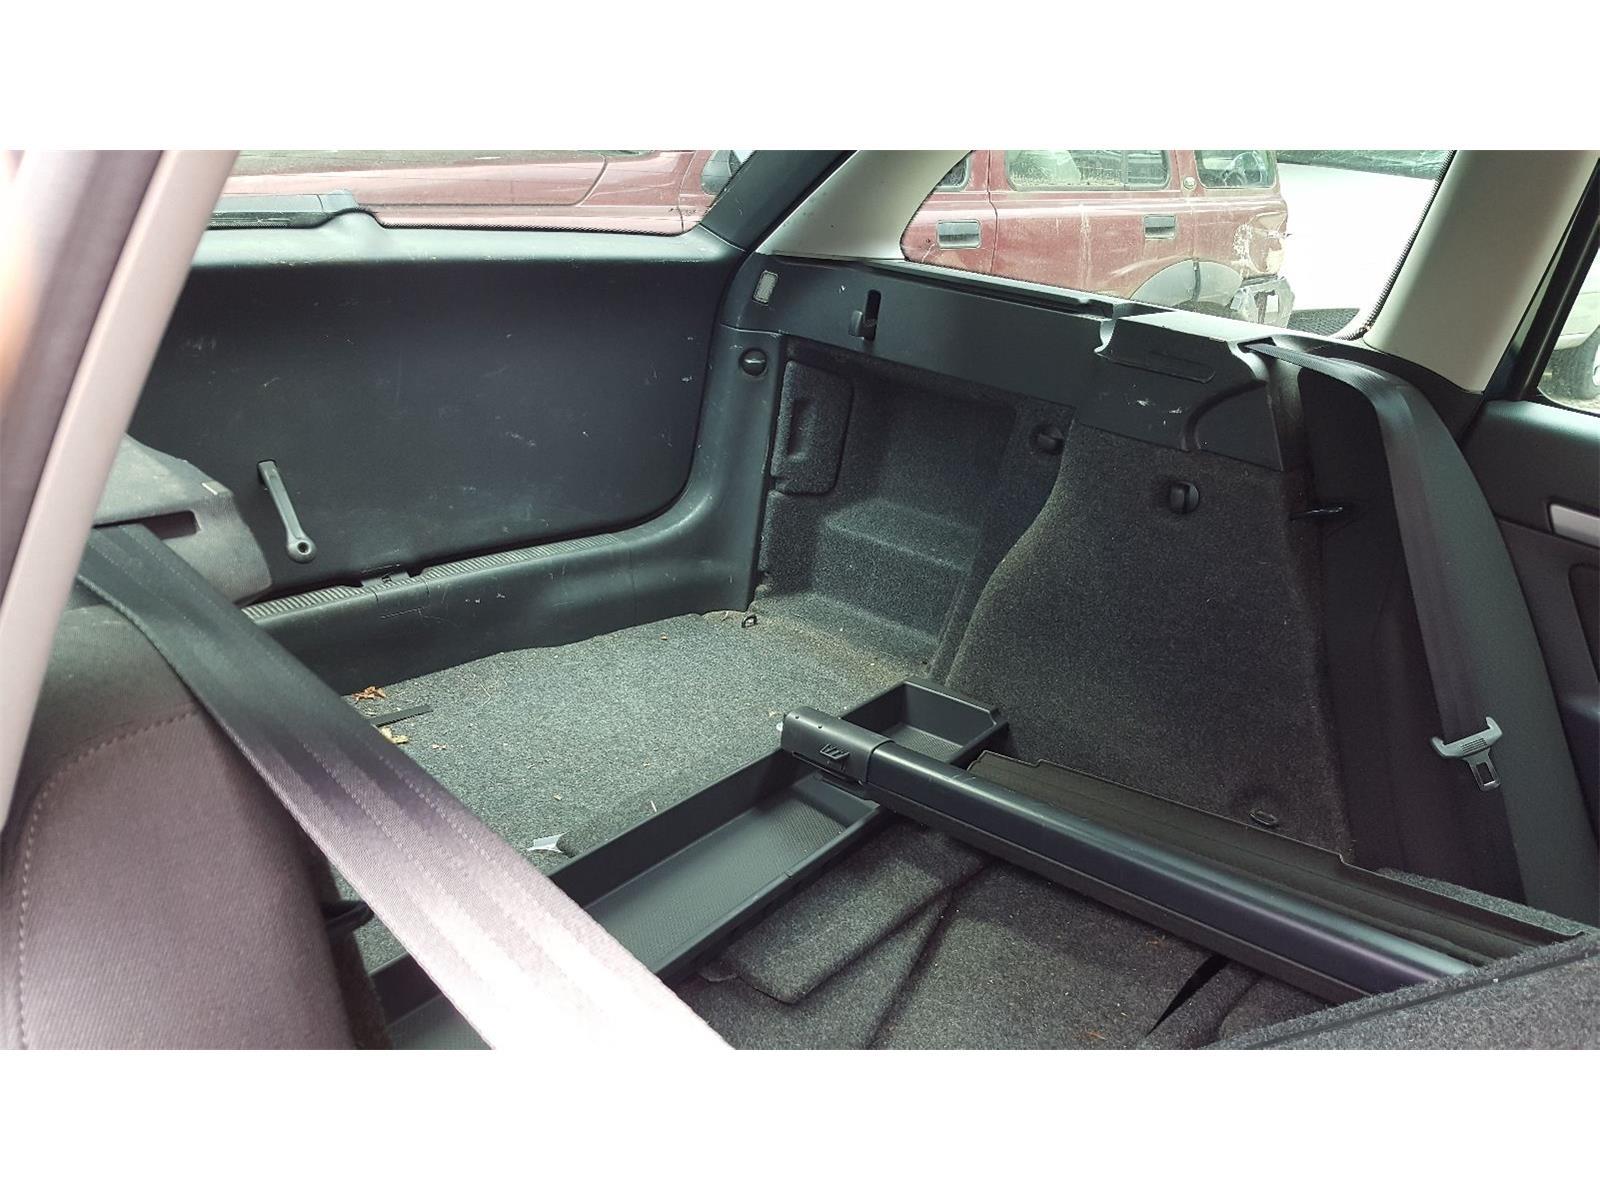 Skoda Octavia 2009 To 2013 Se Tdi 5 Door Estate Scrap Salvage Citigo Fuse Box Year